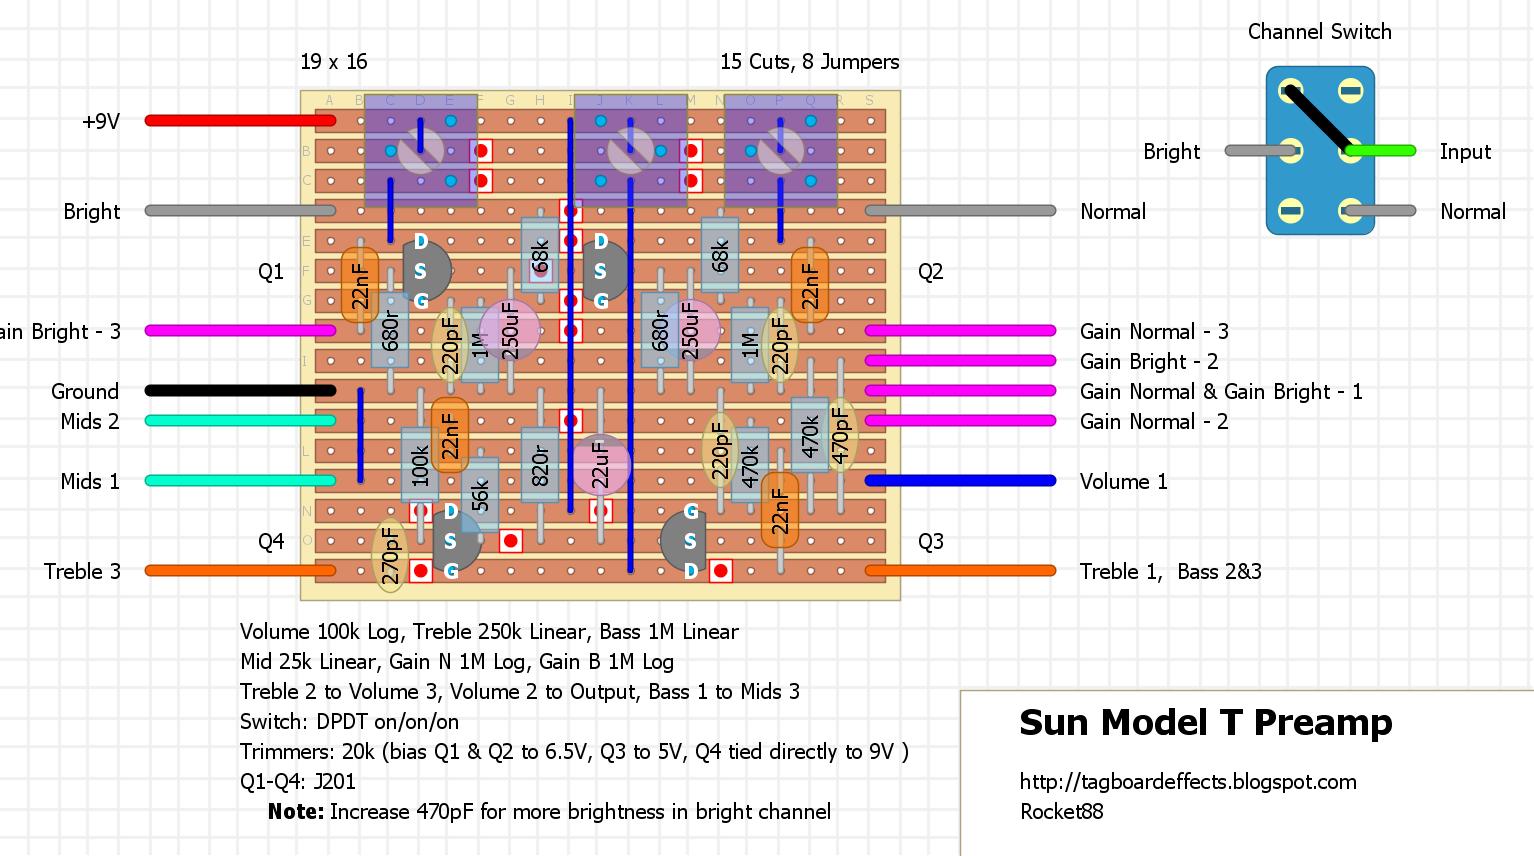 Guitar FX Layouts: Sunn Model T (1st Gen) Preamp